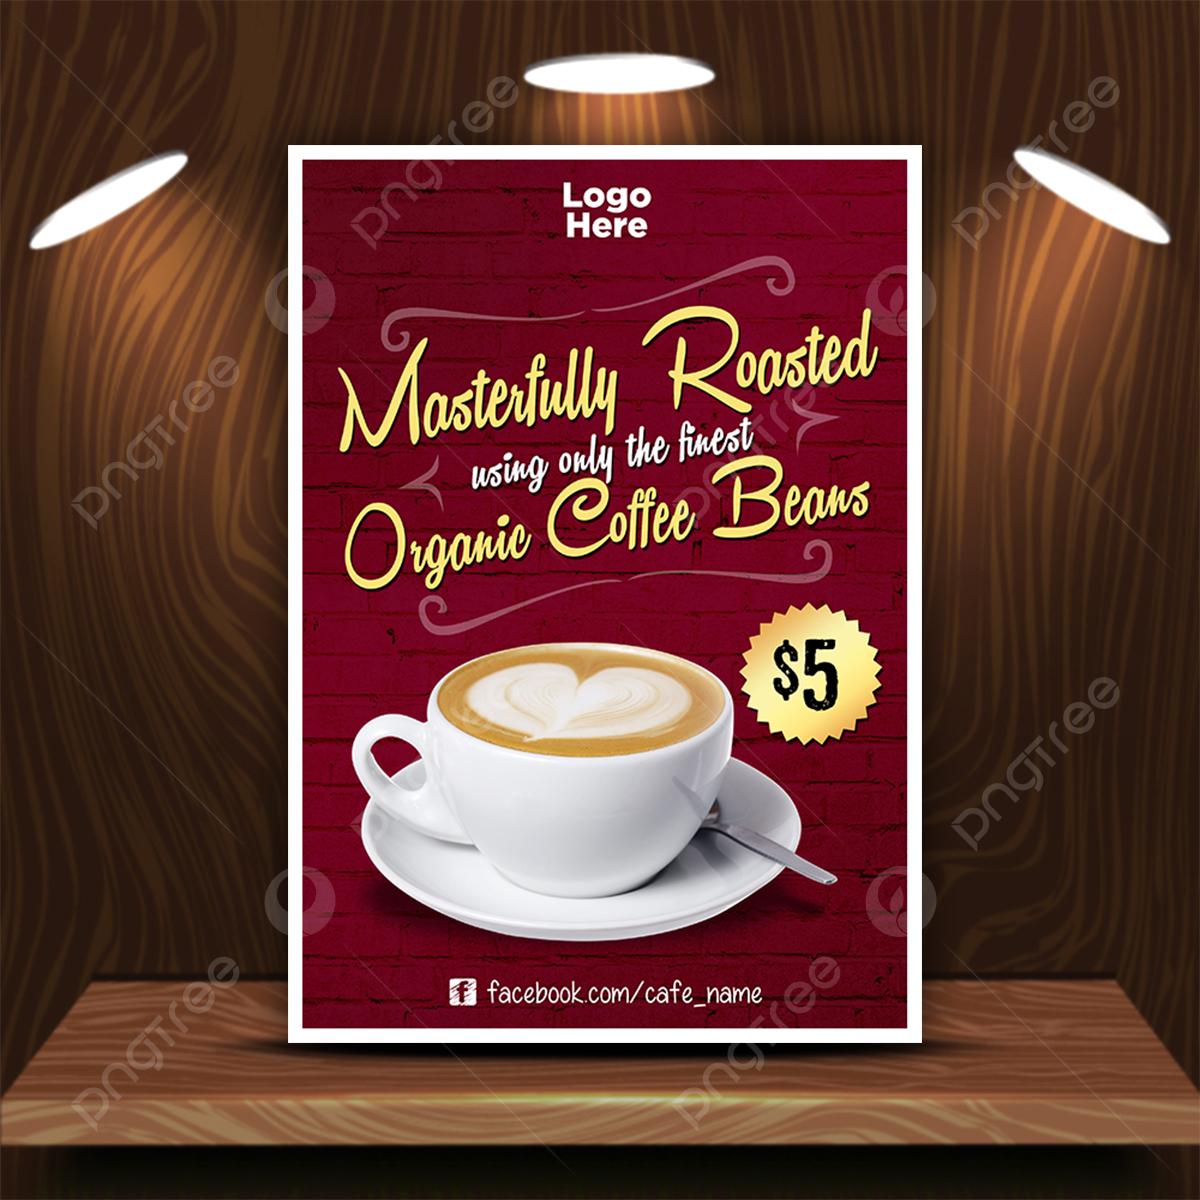 Poster Untuk Promosi Kopi Di Kafe Atau Restoran Templat Untuk Unduh Gratis Di Pngtree